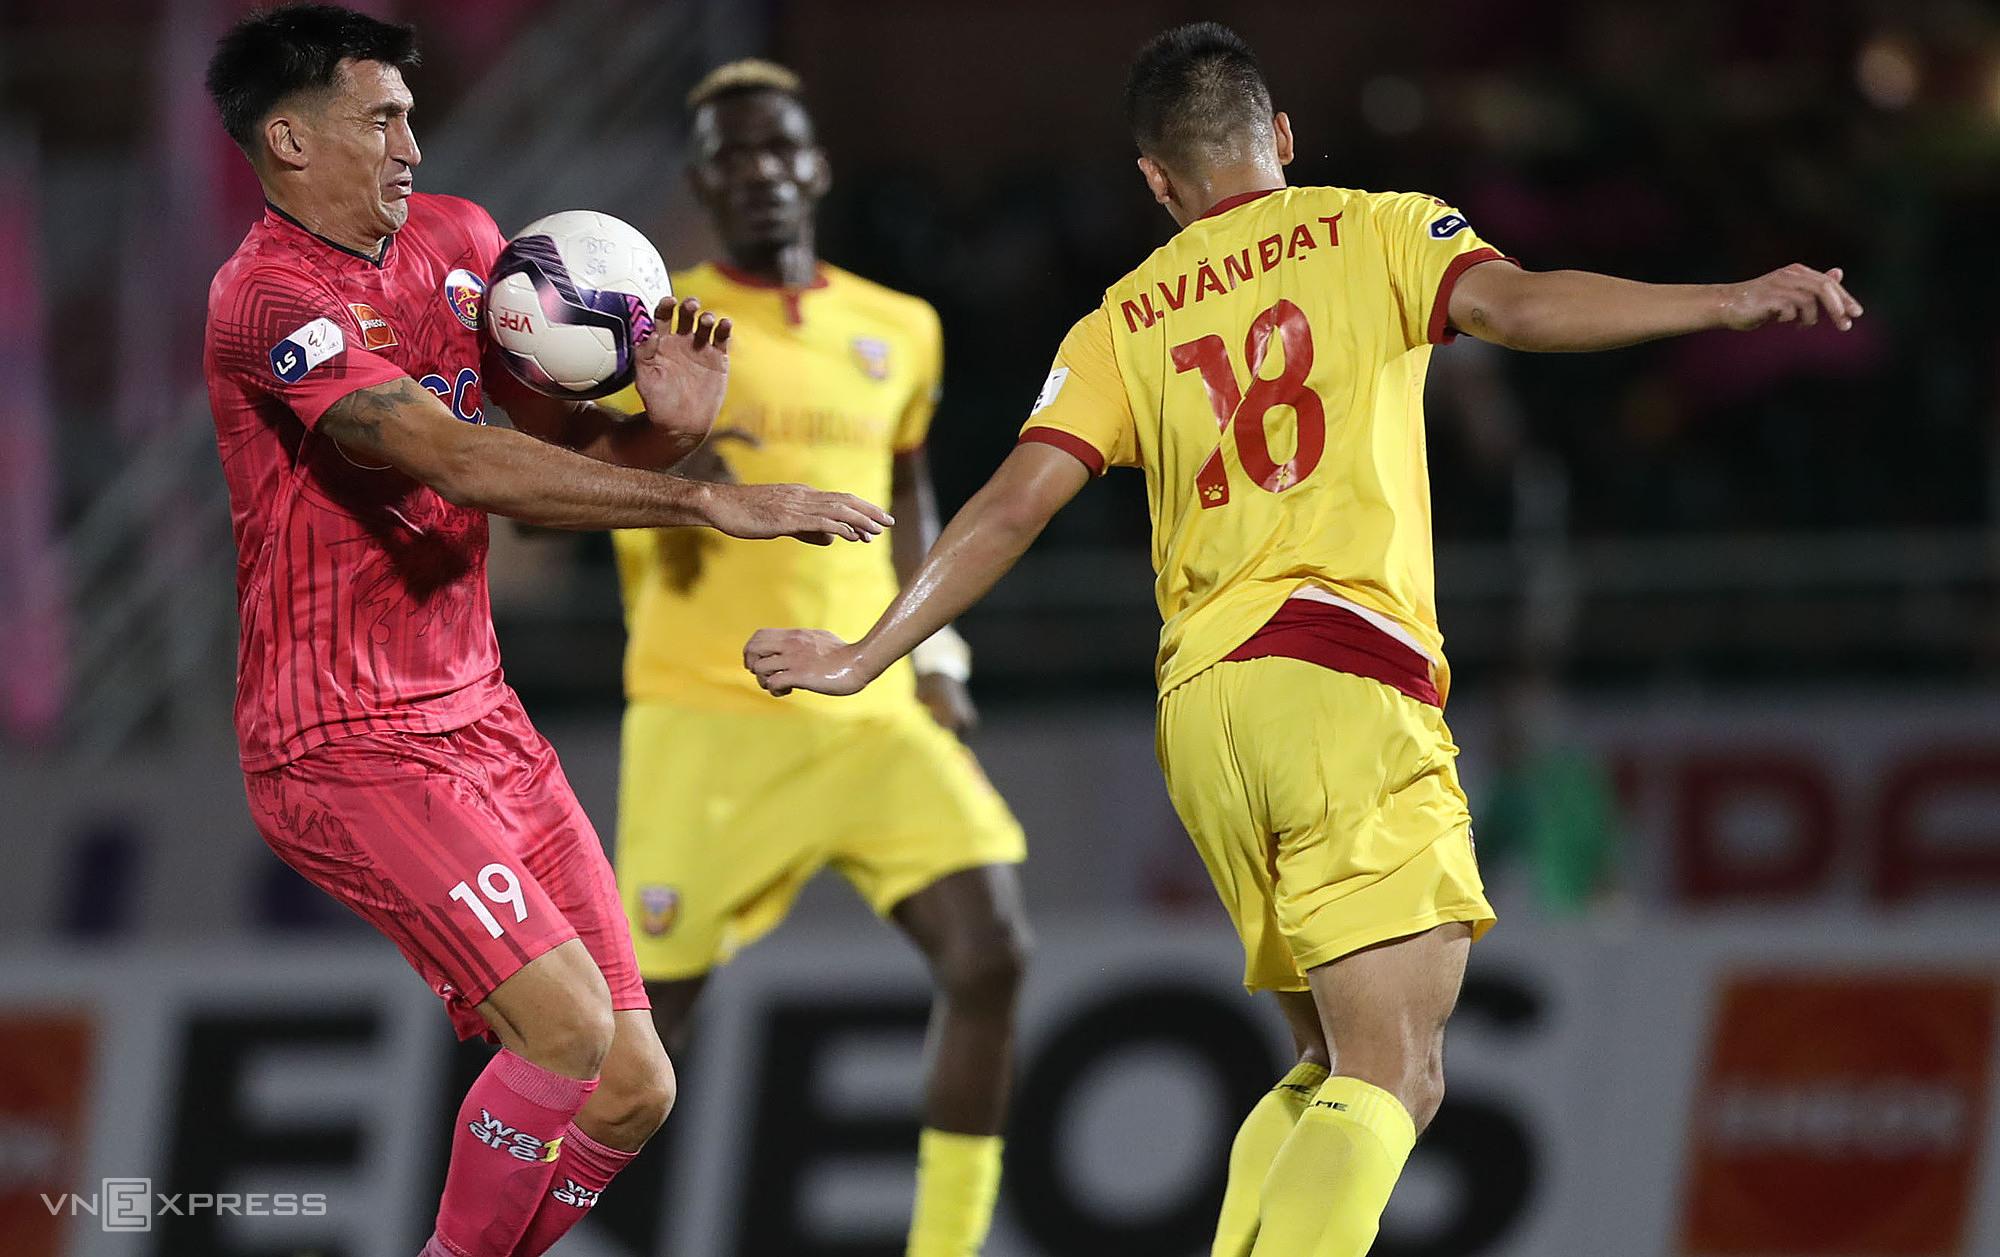 Tình huống Đỗ Merlo dùng tay khống chế bóng trước khi sút tung lưới Hà Tĩnh mang về chiến thắng cho Sài Gòn FC. Ảnh: Đức Đồng.